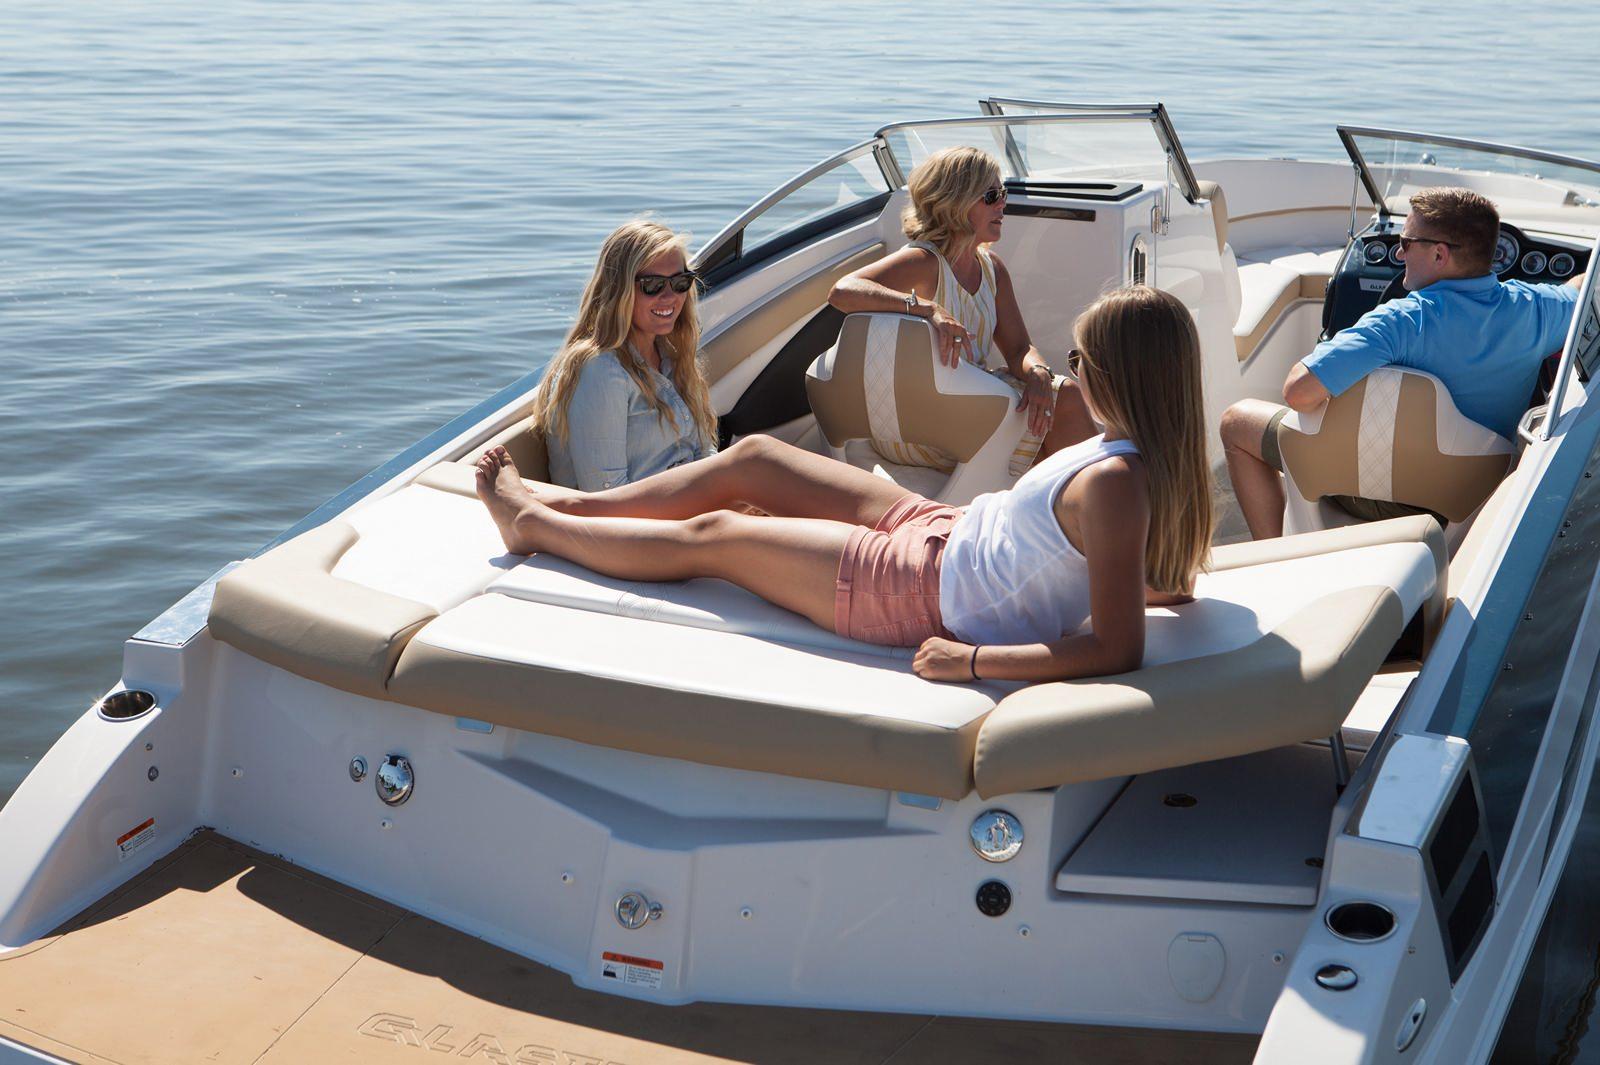 סירת ספורט Glastron 245 - סירת ספורט Glastron 245 GT/GTS - סטרים יאכטות